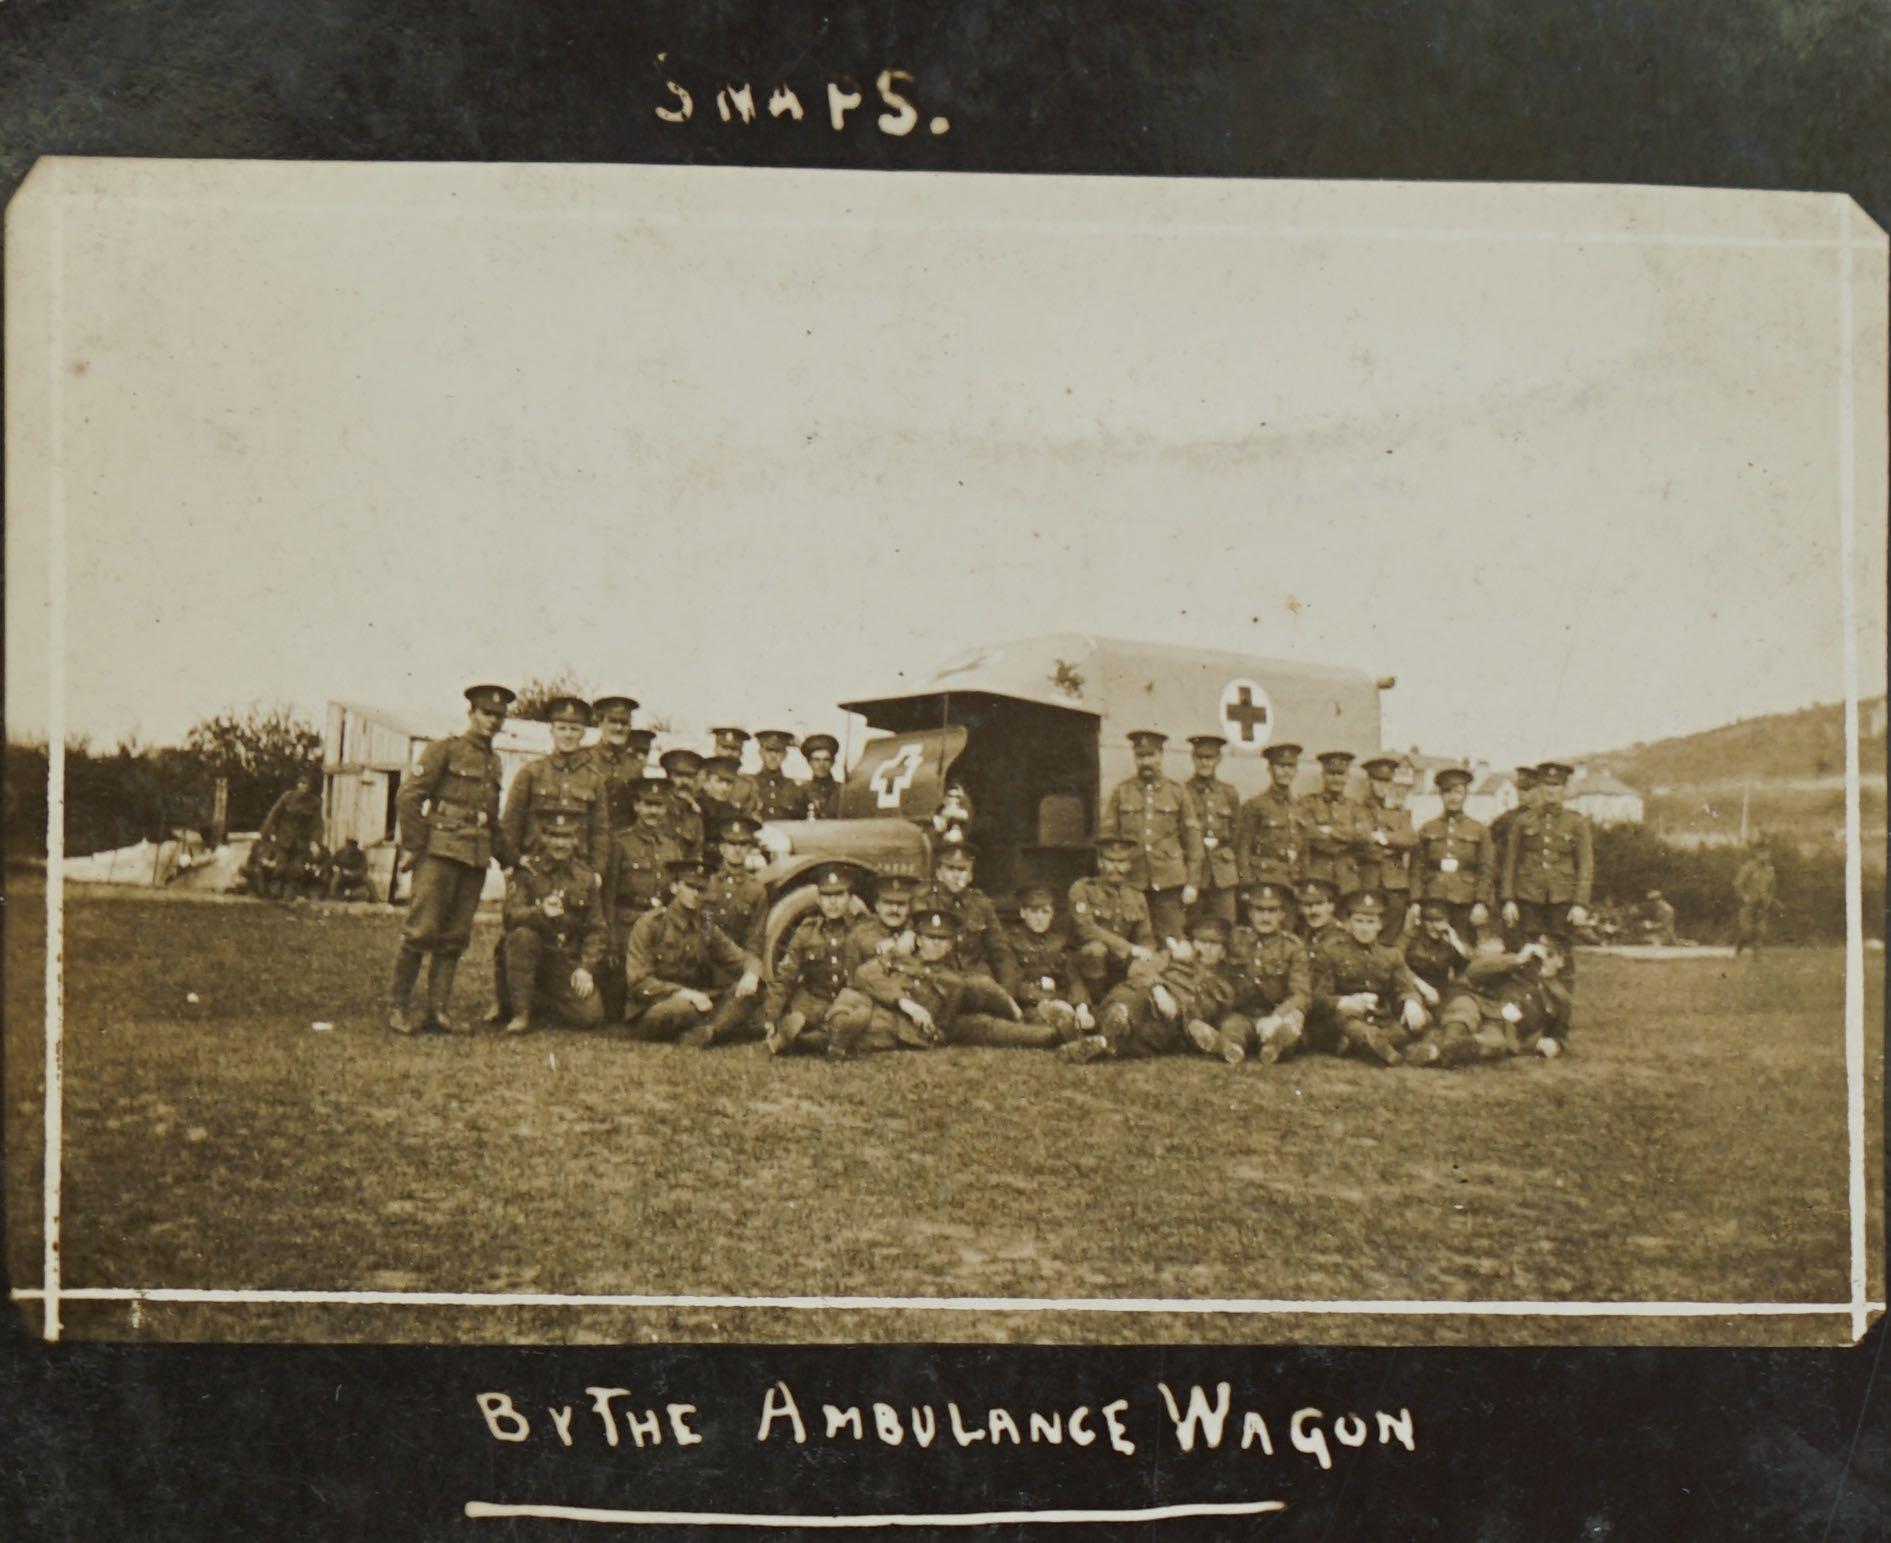 By-the-Ambulance-Wagon-1